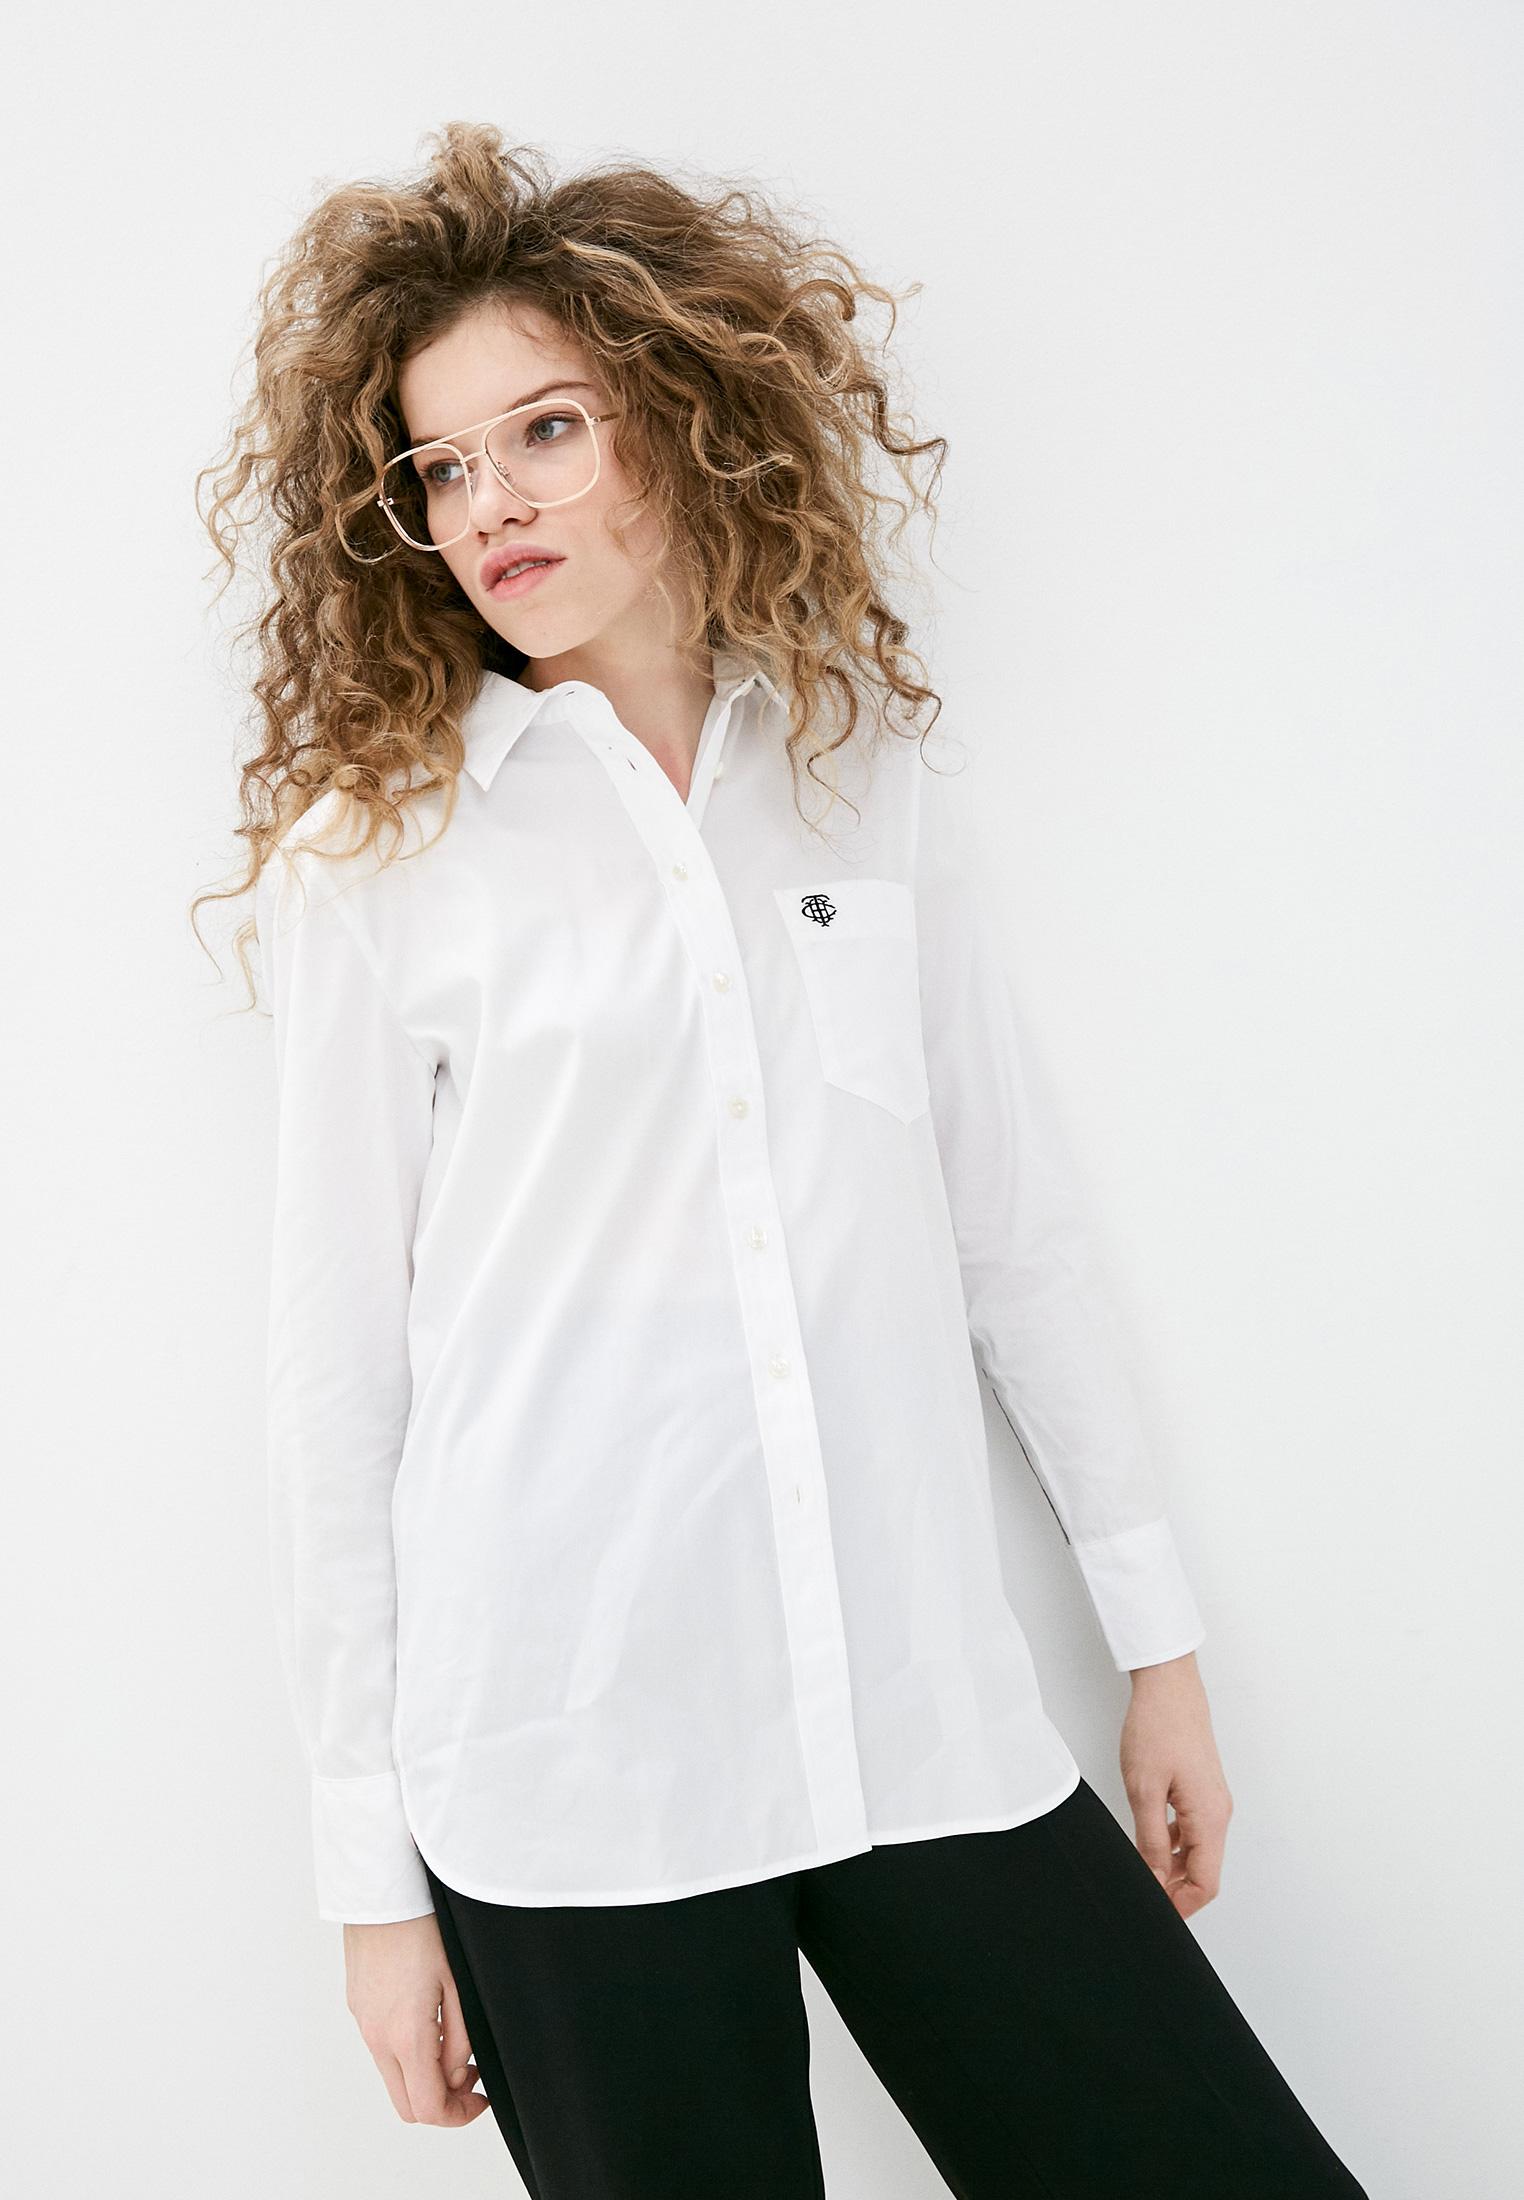 Женские рубашки с длинным рукавом Tommy Hilfiger (Томми Хилфигер) WW0WW26612: изображение 1